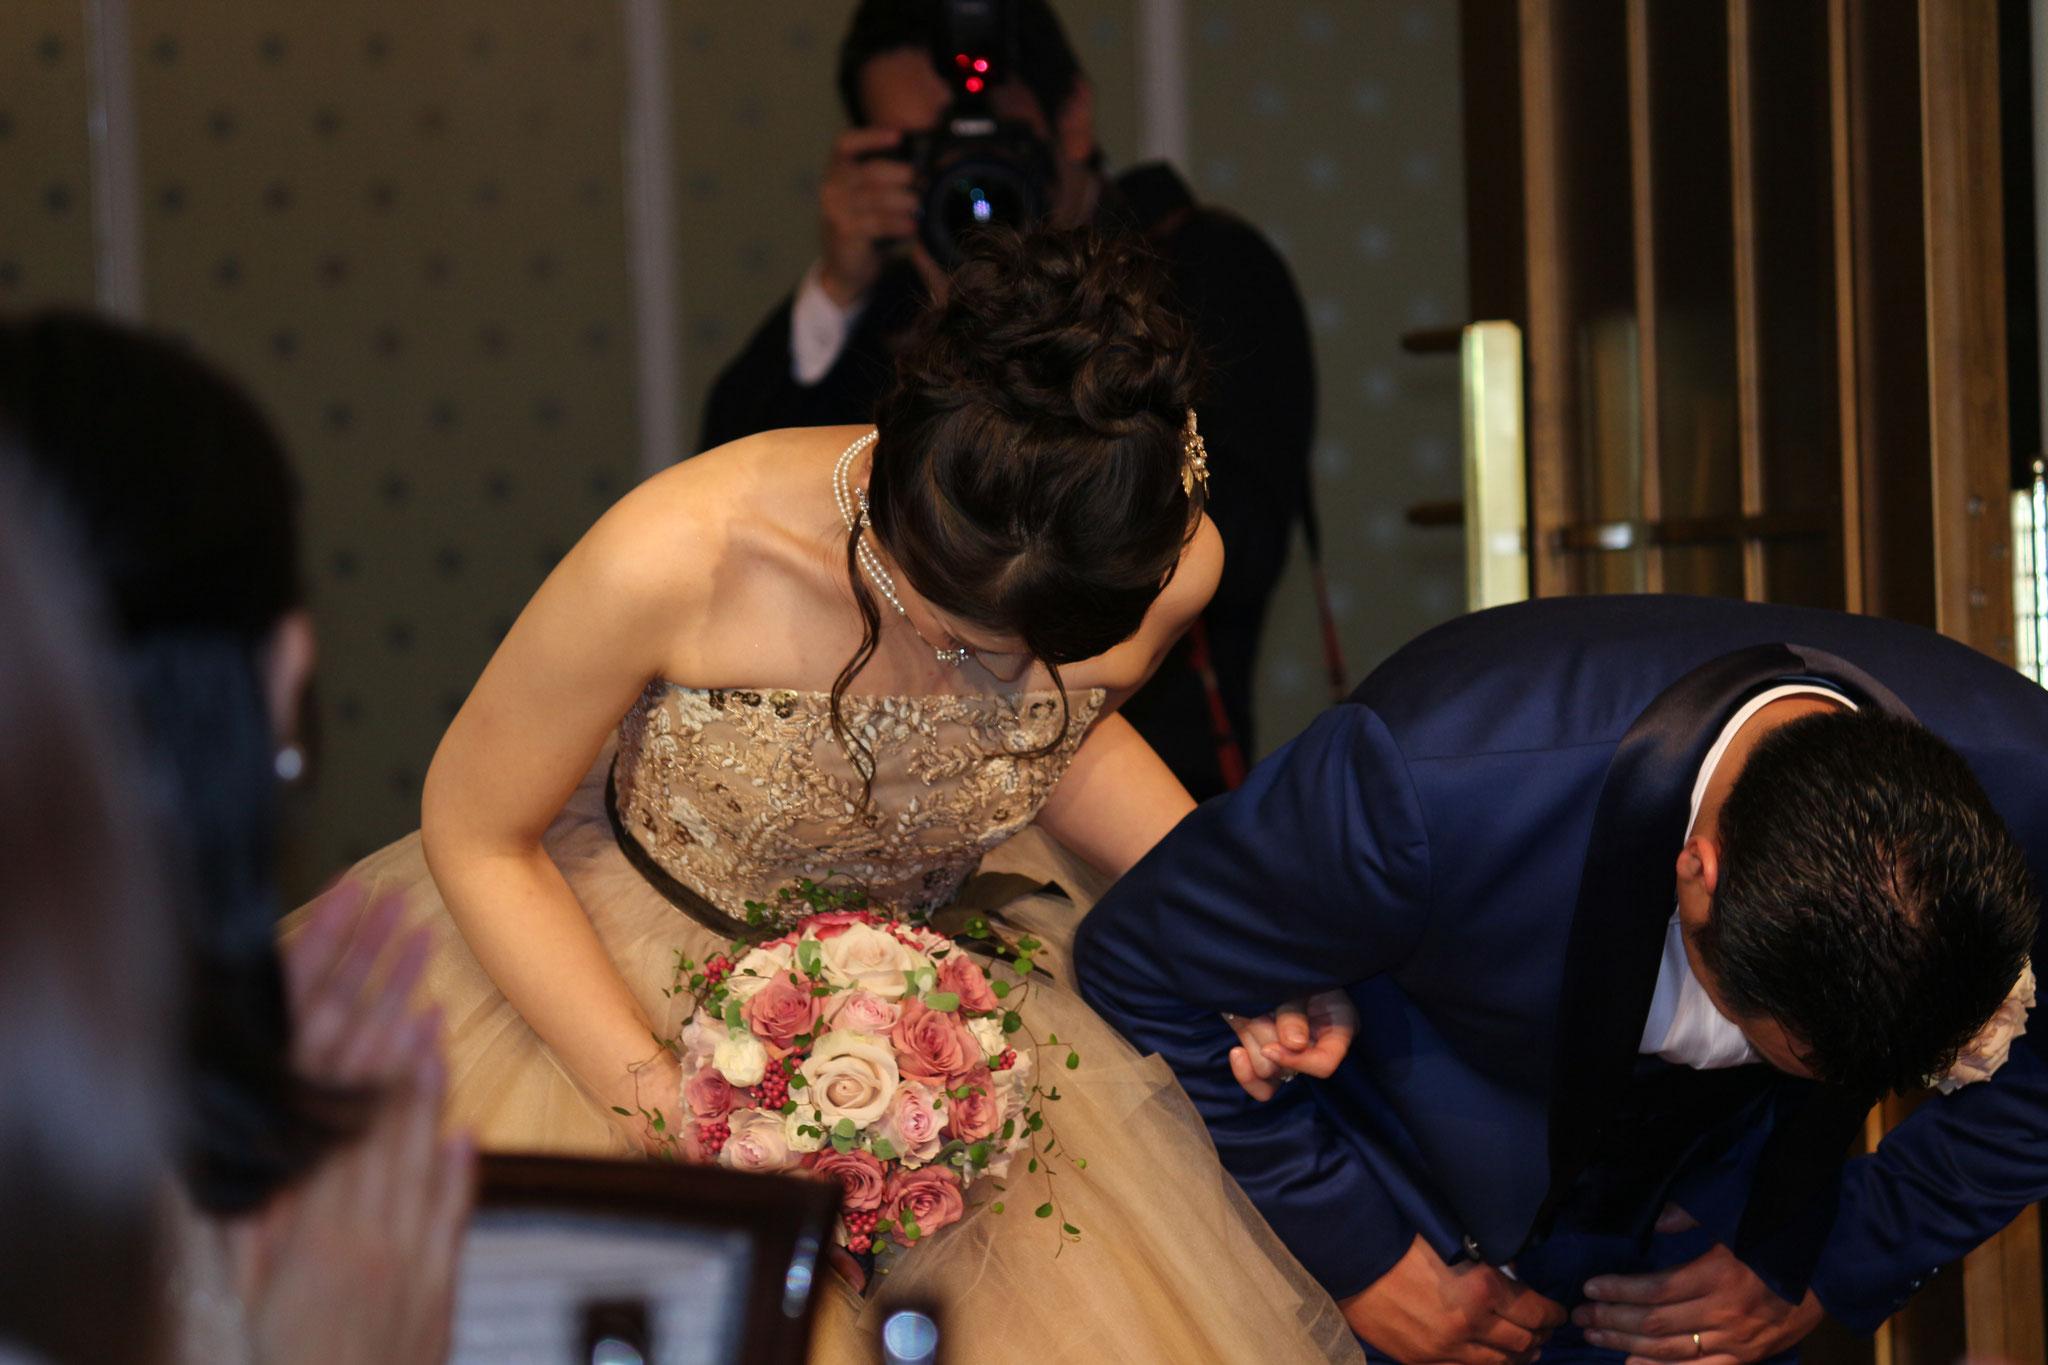 未来あるお二人の結婚式に参加できて幸せな気持ちになりました! 本当におめでとうございます! お幸せに!!(^^